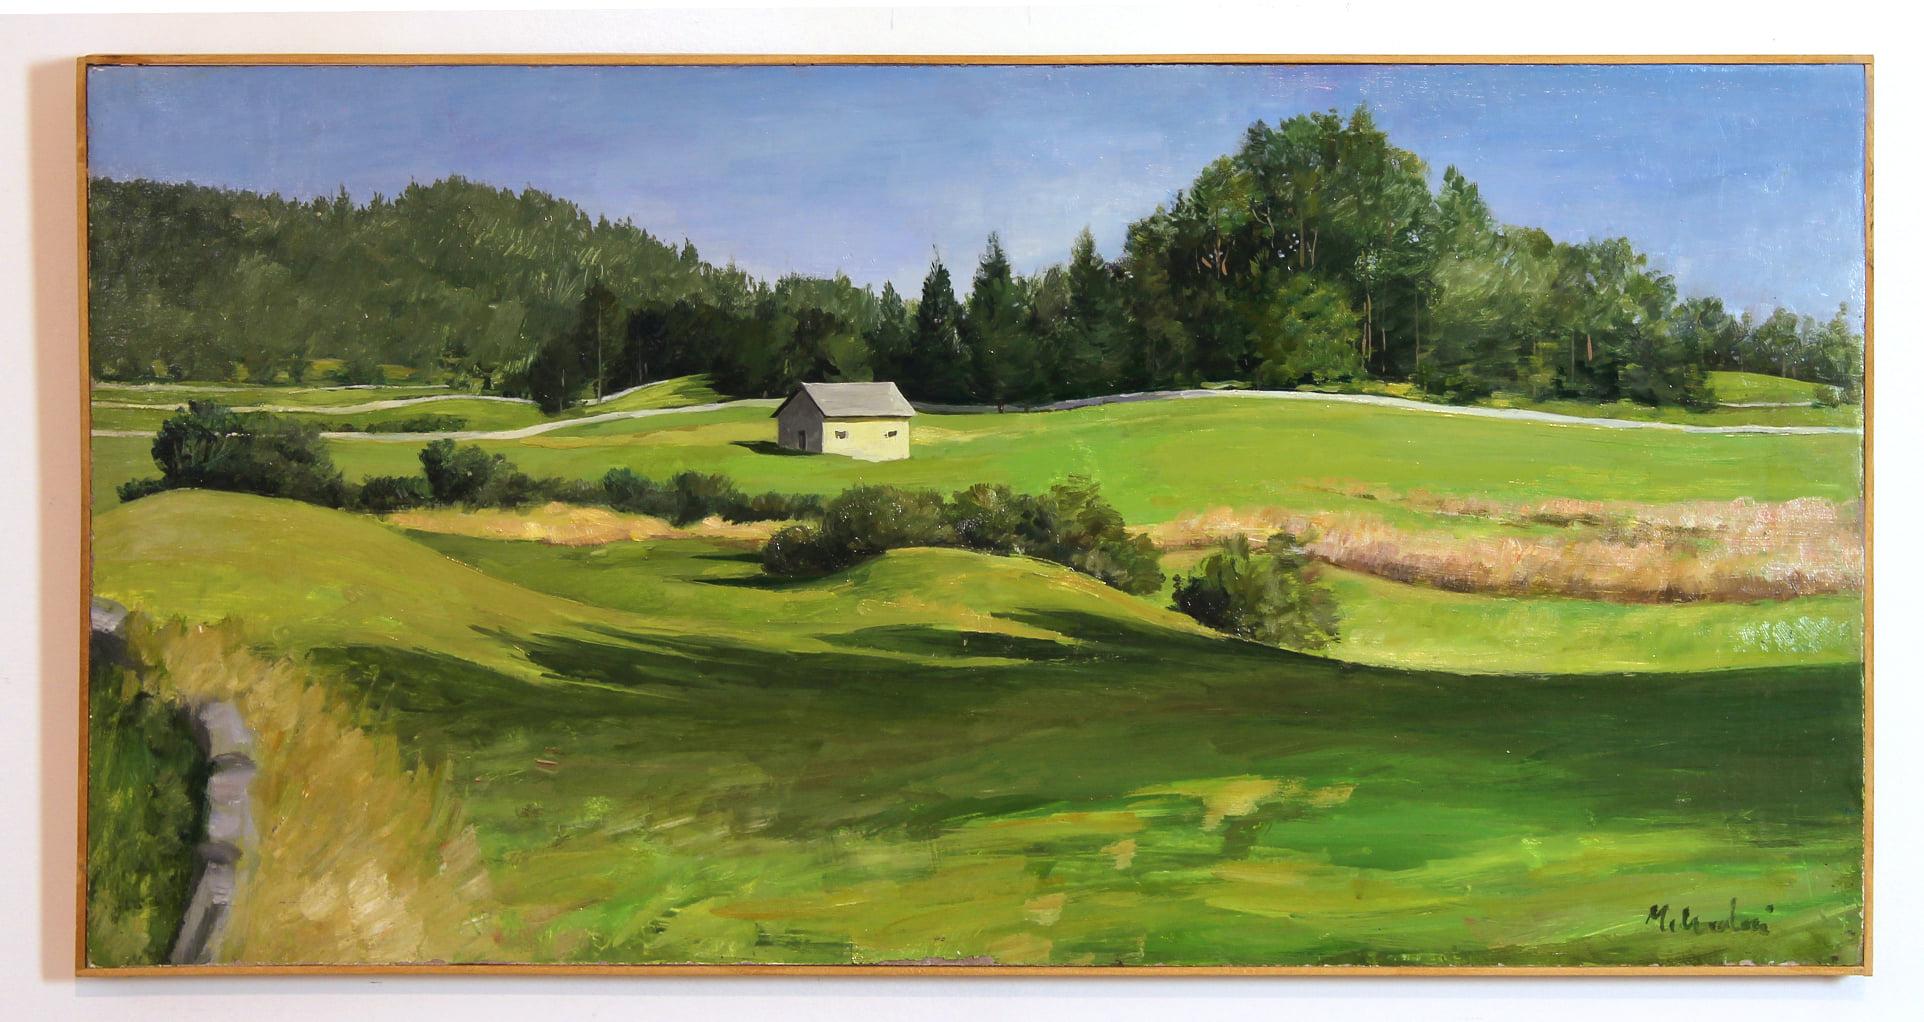 Paesaggio di Lavarone rappresentato in un'opera di Serge Micheloni